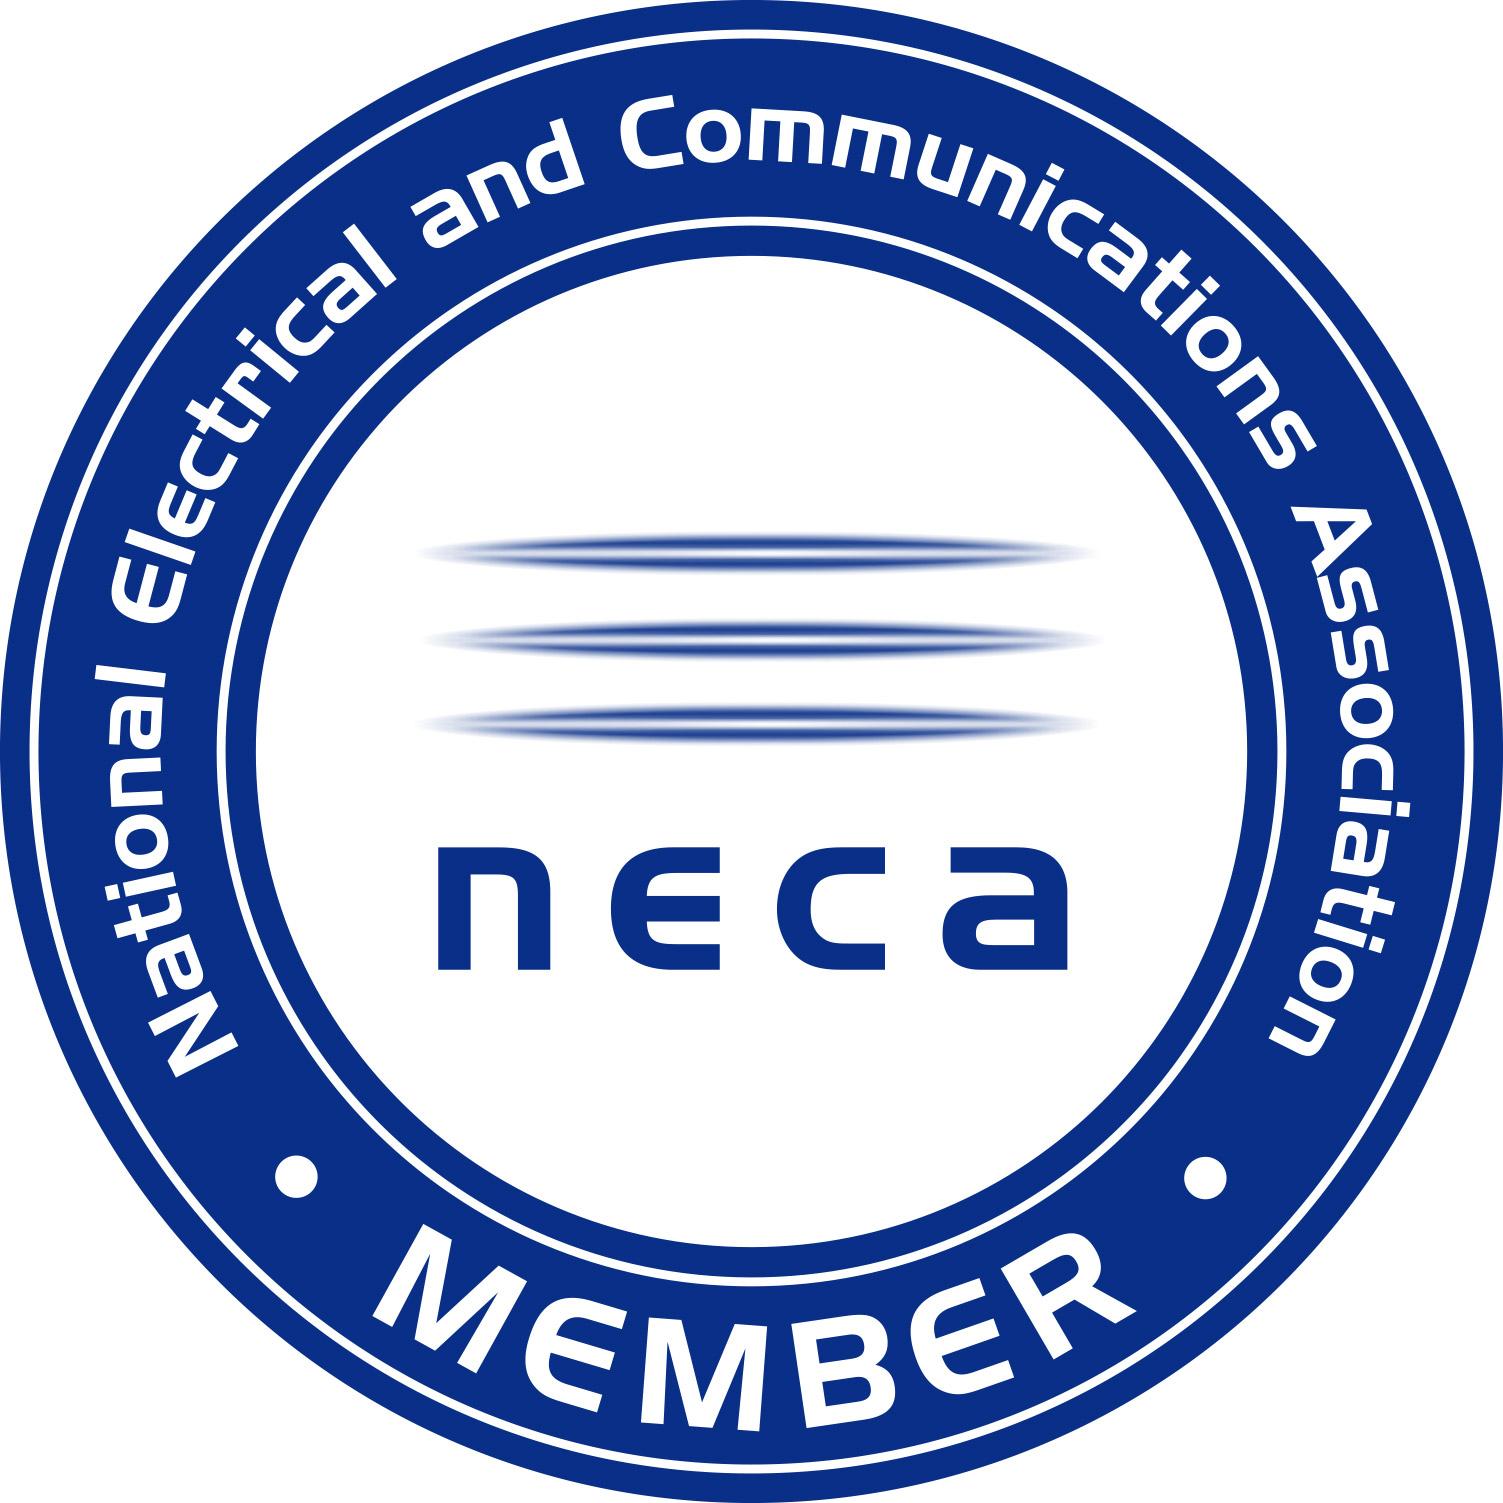 New NECA Member Logo.